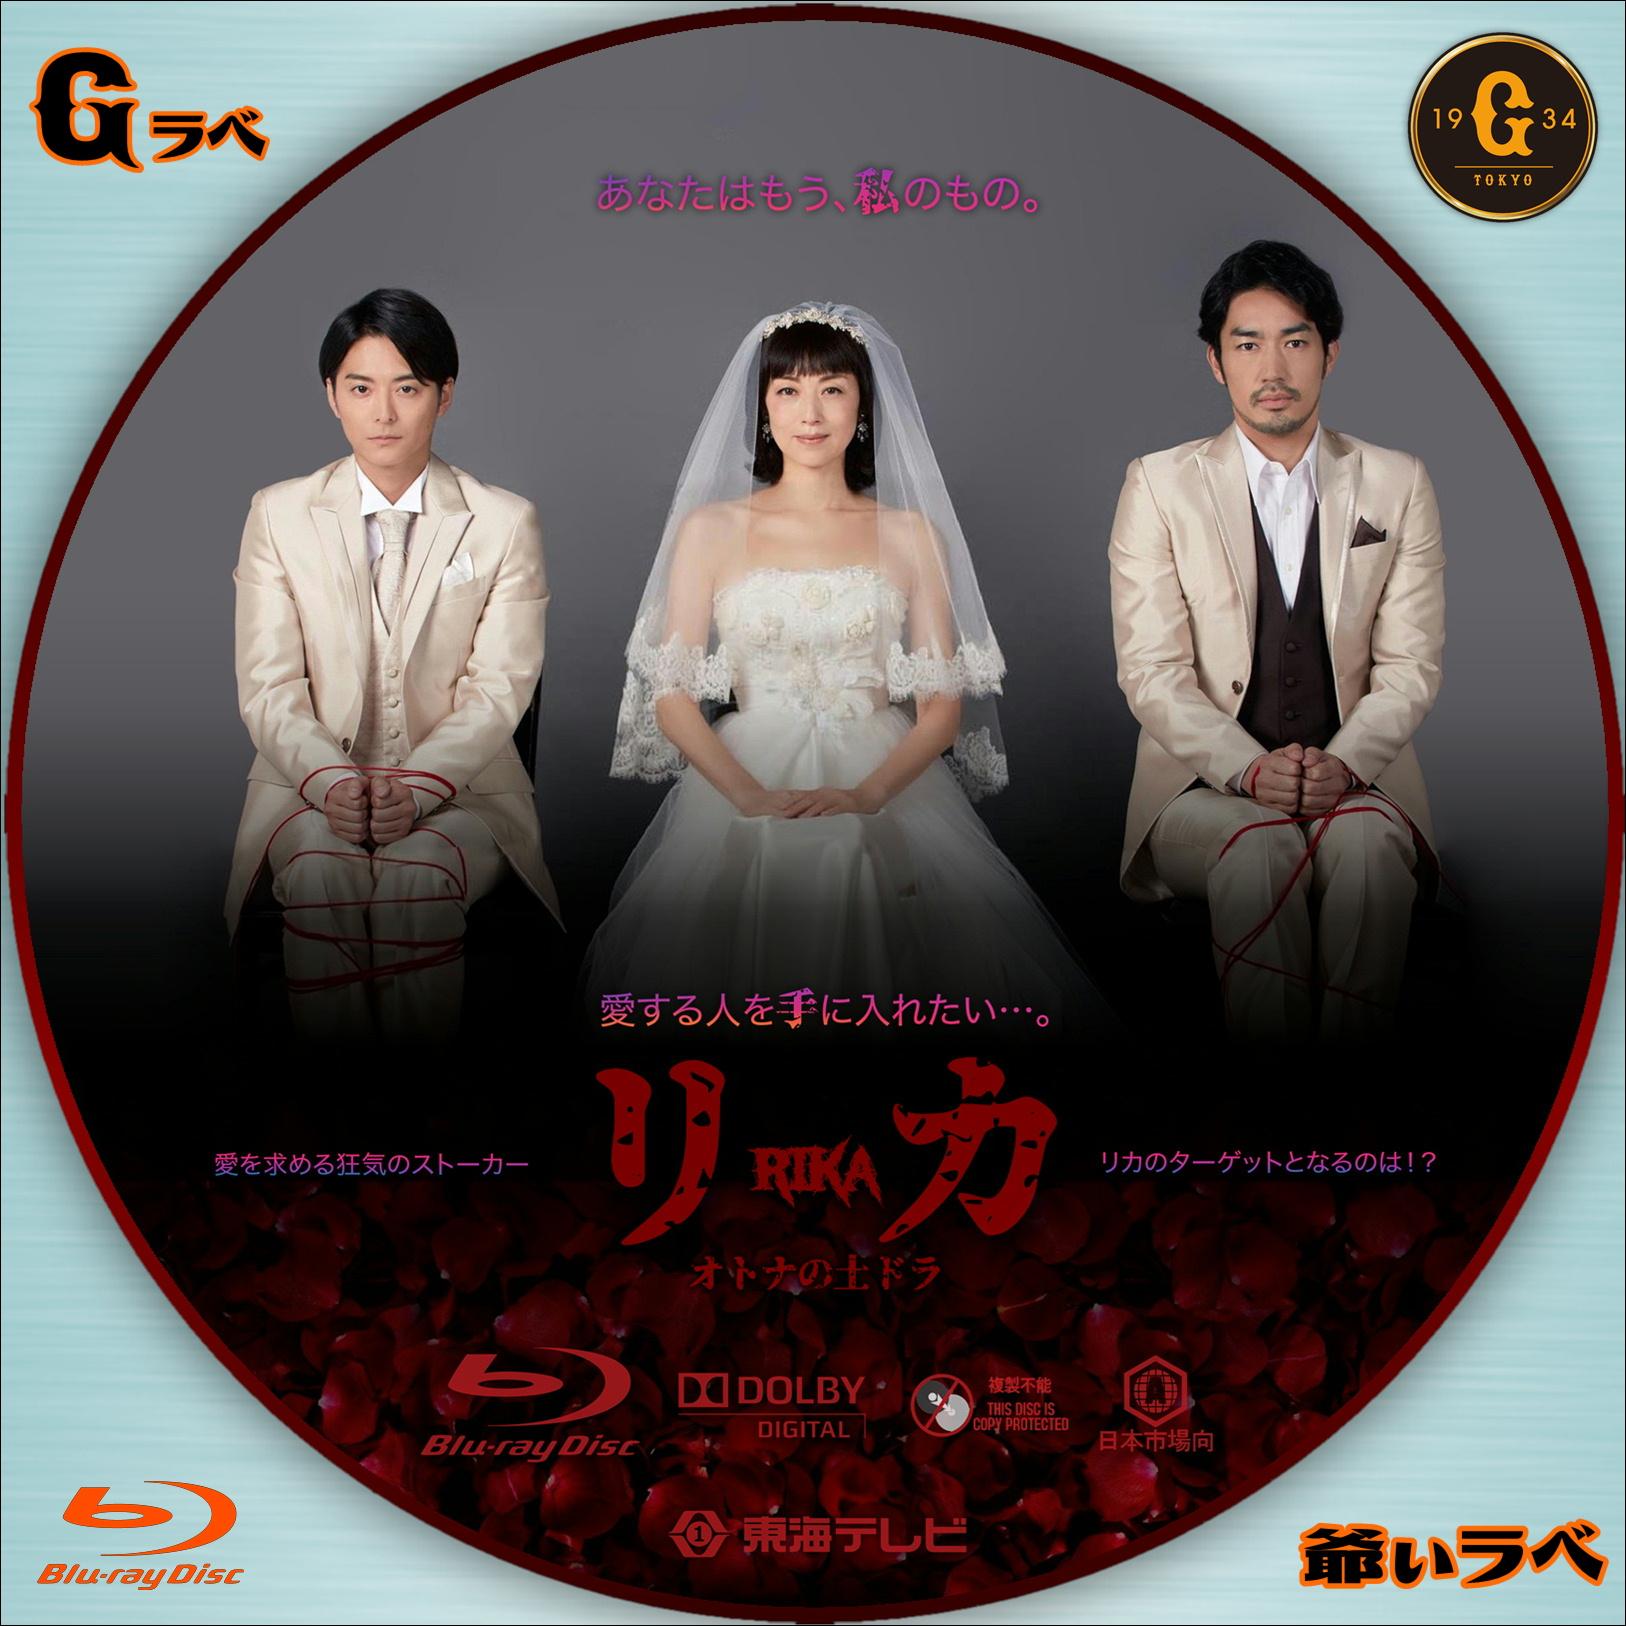 リカ Type-A(Blu-ray)